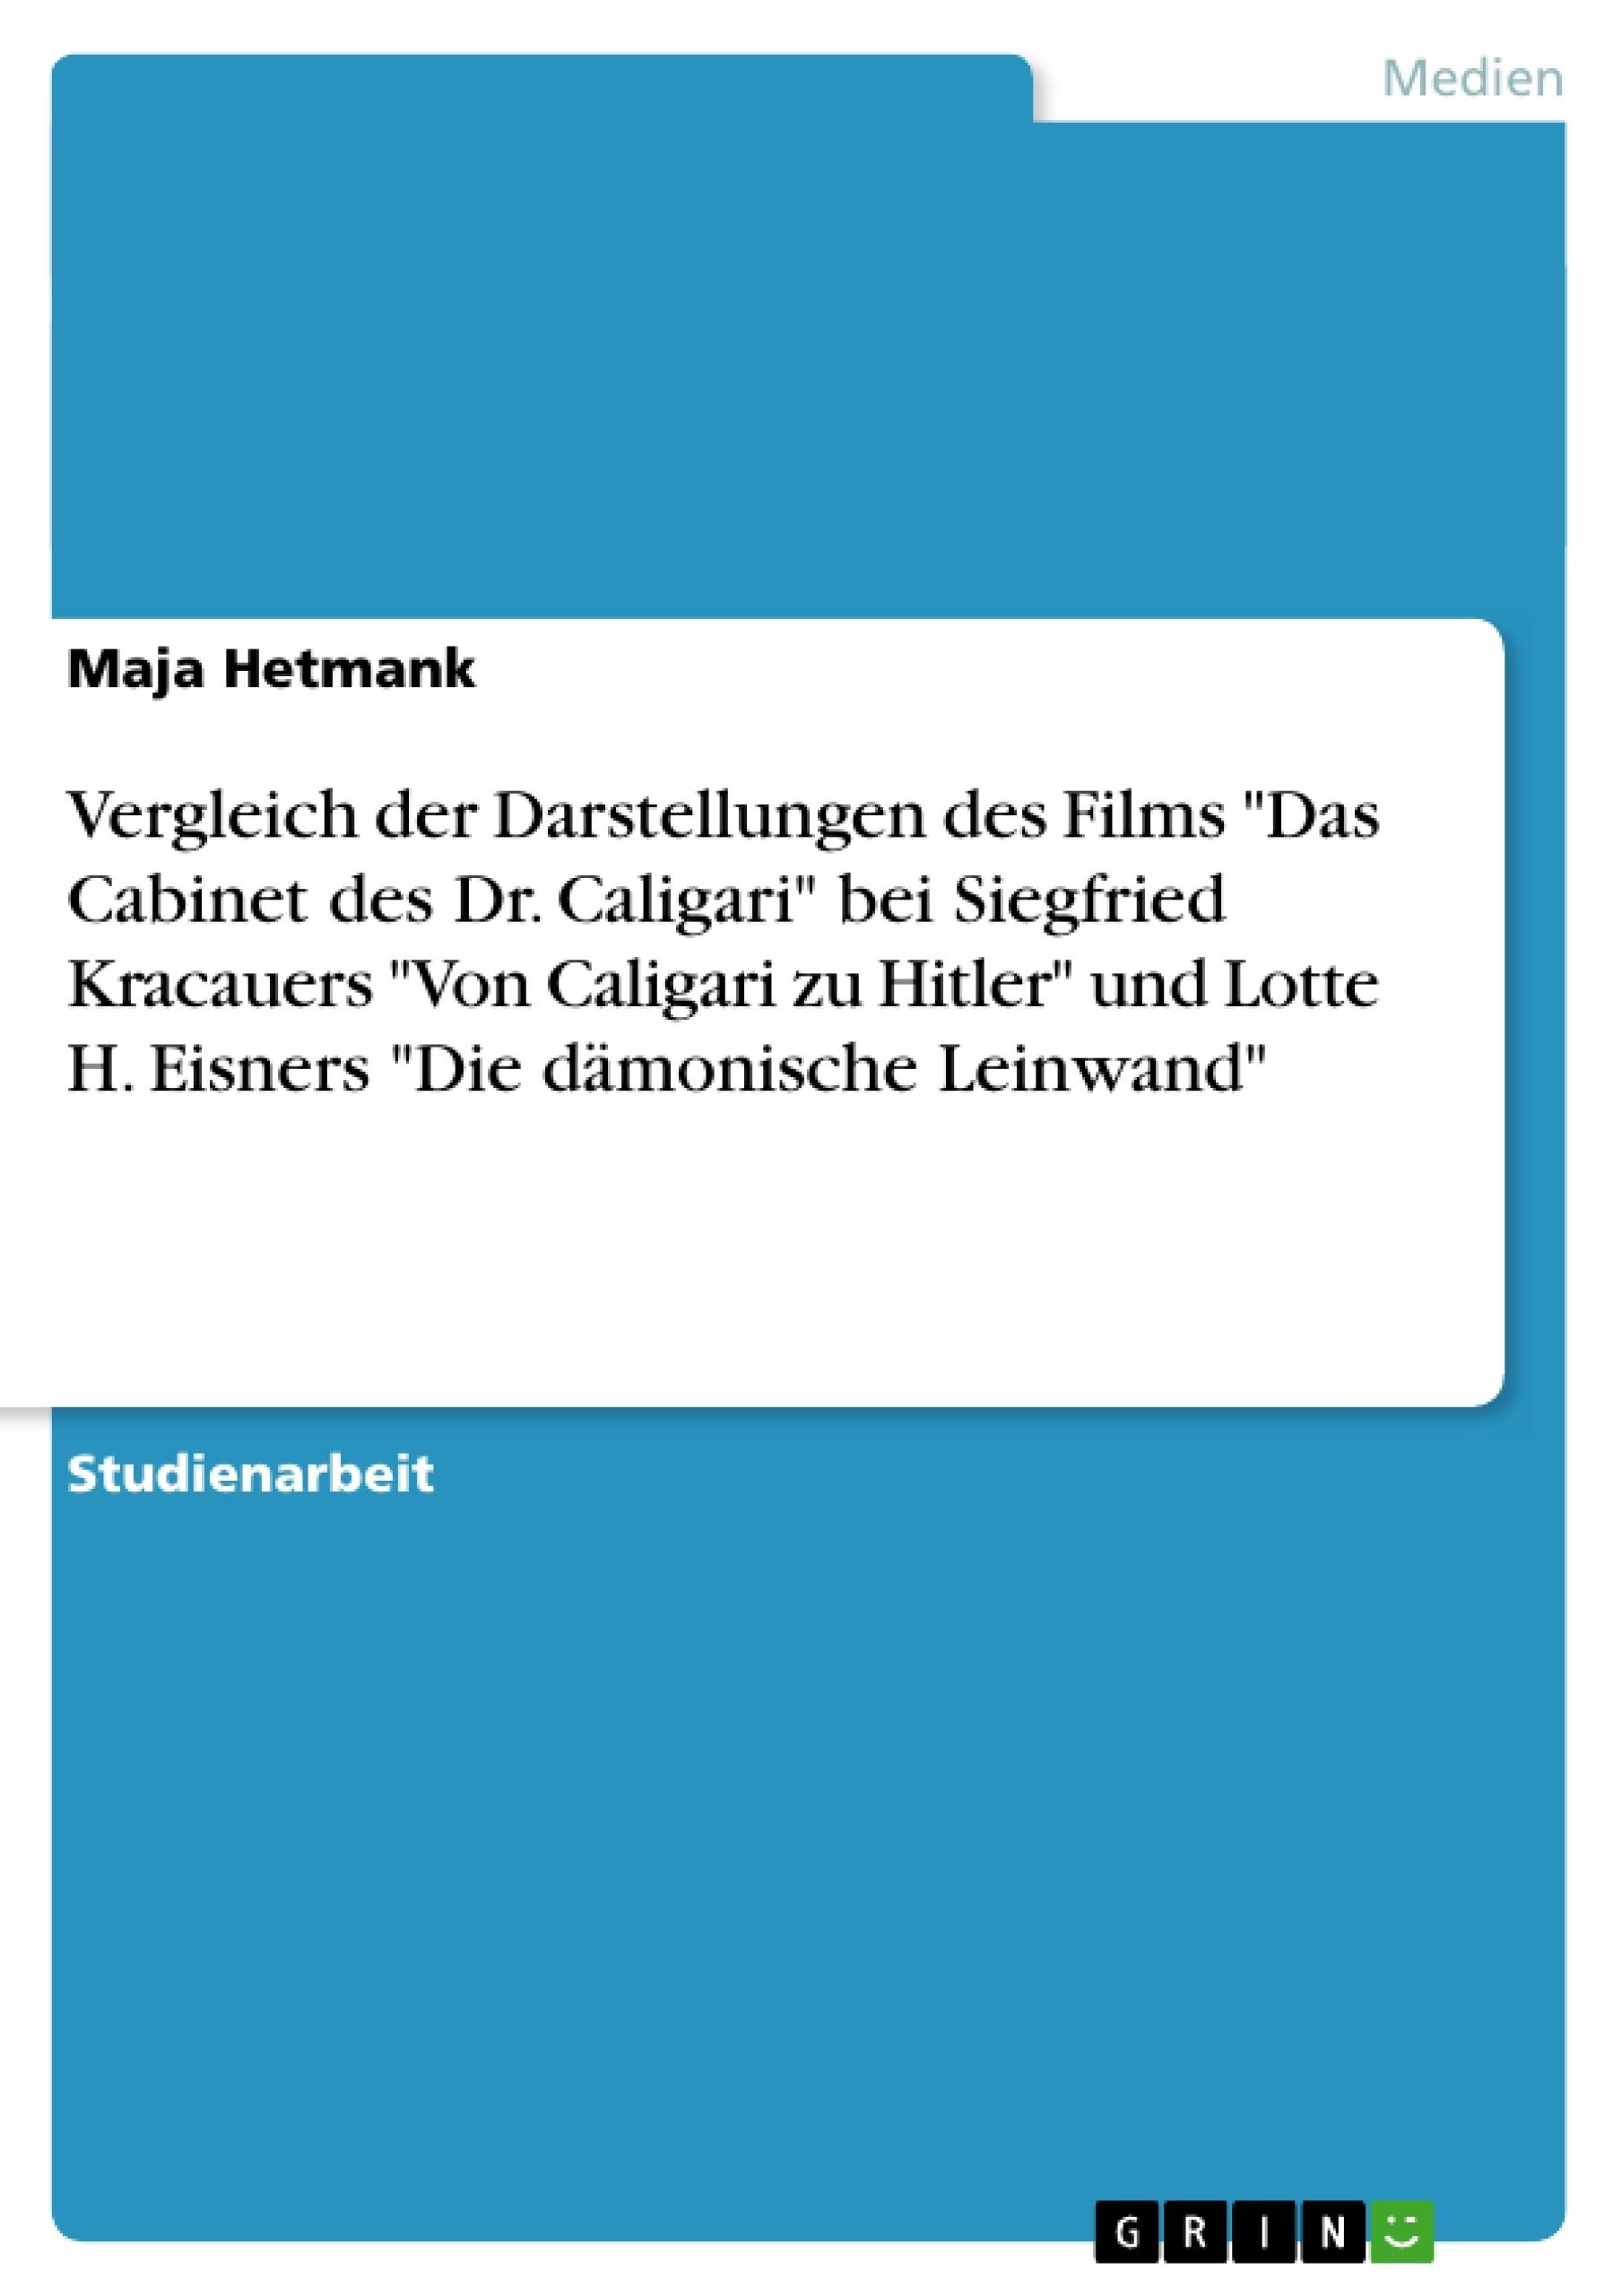 """Titel: Vergleich der Darstellungen des Films """"Das Cabinet des Dr. Caligari"""" bei Siegfried Kracauers """"Von Caligari zu Hitler"""" und Lotte H. Eisners """"Die dämonische Leinwand"""""""